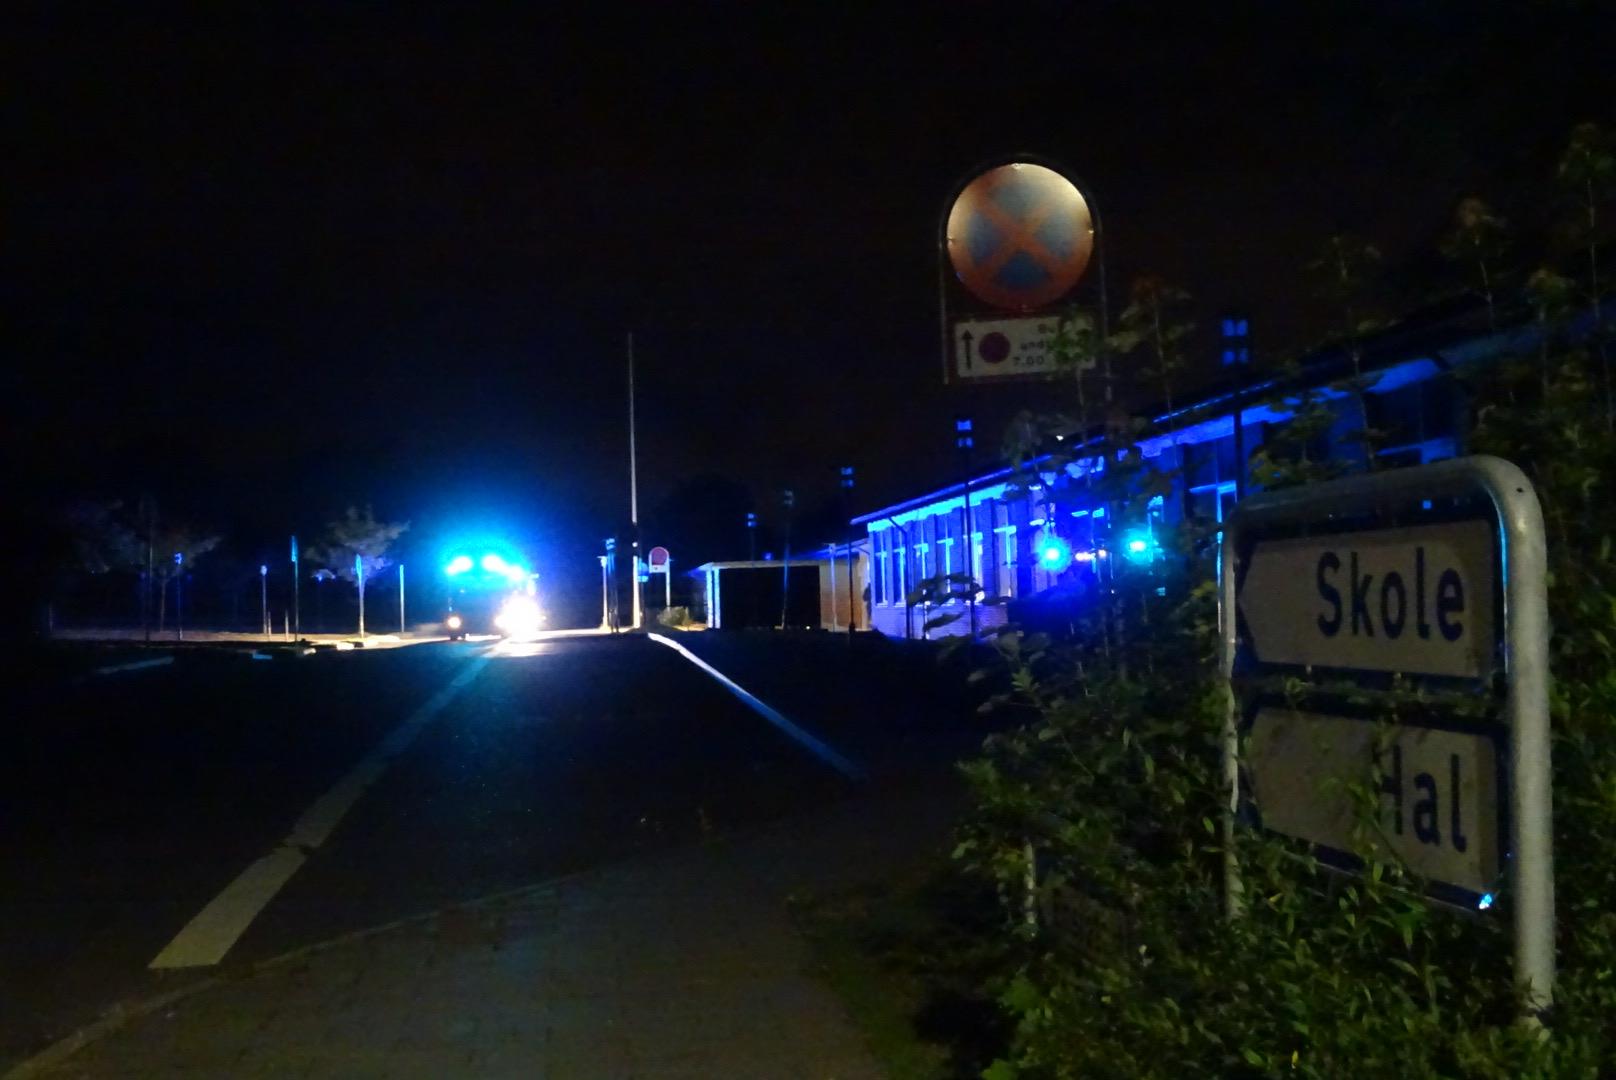 Aktiveret brandalarm på skole - brandvæsnet er på stedet